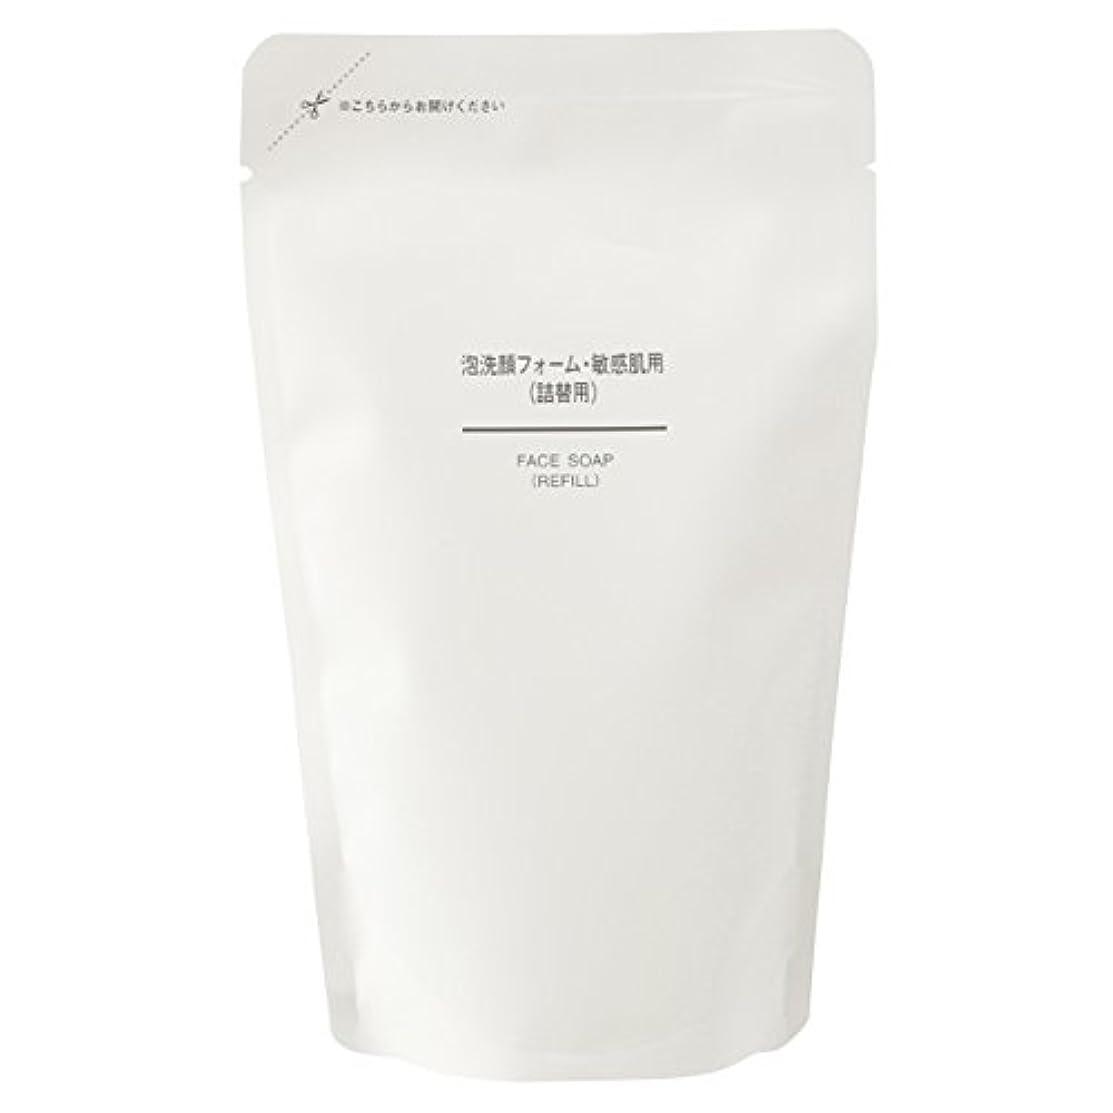 キャップ私たち自身こどもセンター無印良品 泡洗顔フォーム 敏感肌用(詰替用) 180ml